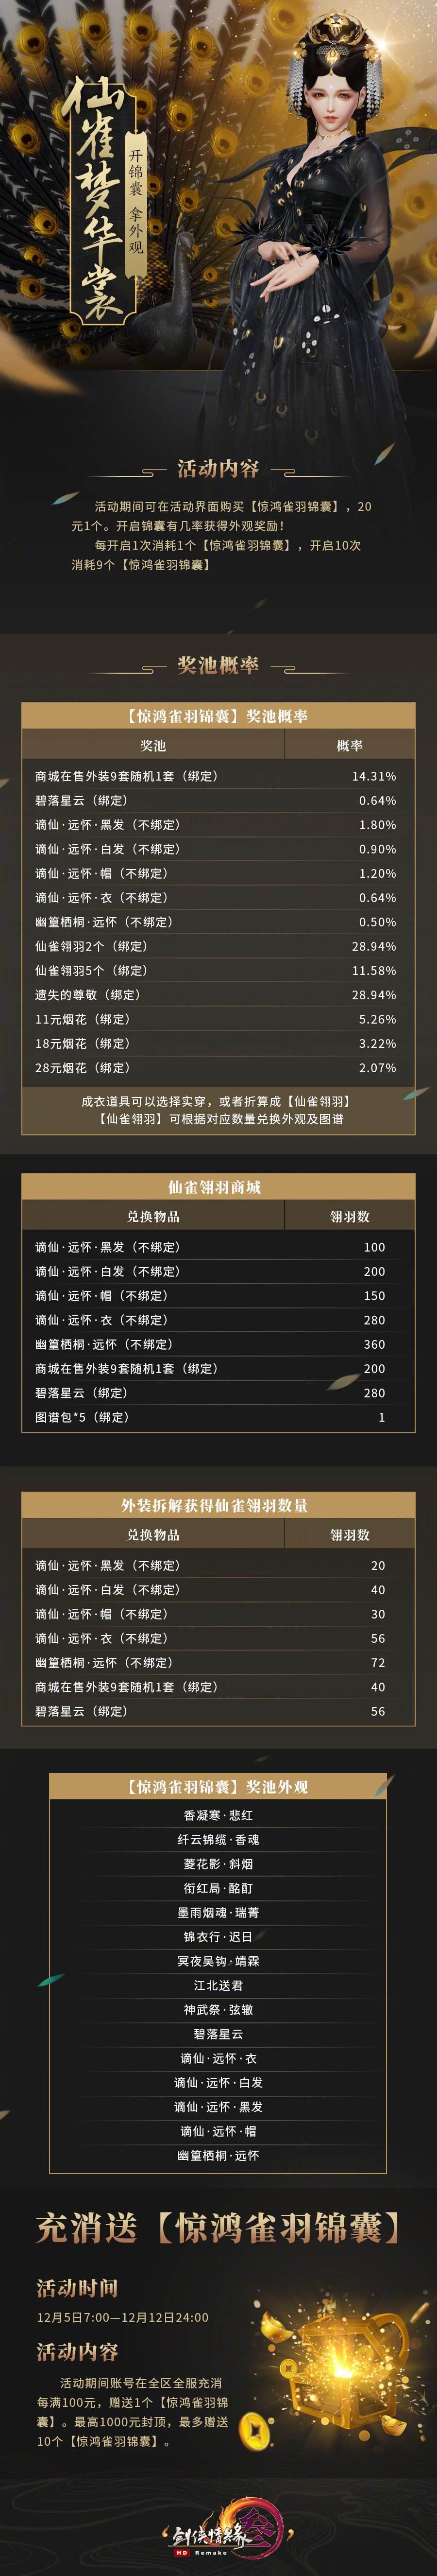 《剑网3》双十二剧情大片首映 黑金谪仙礼盒不限量